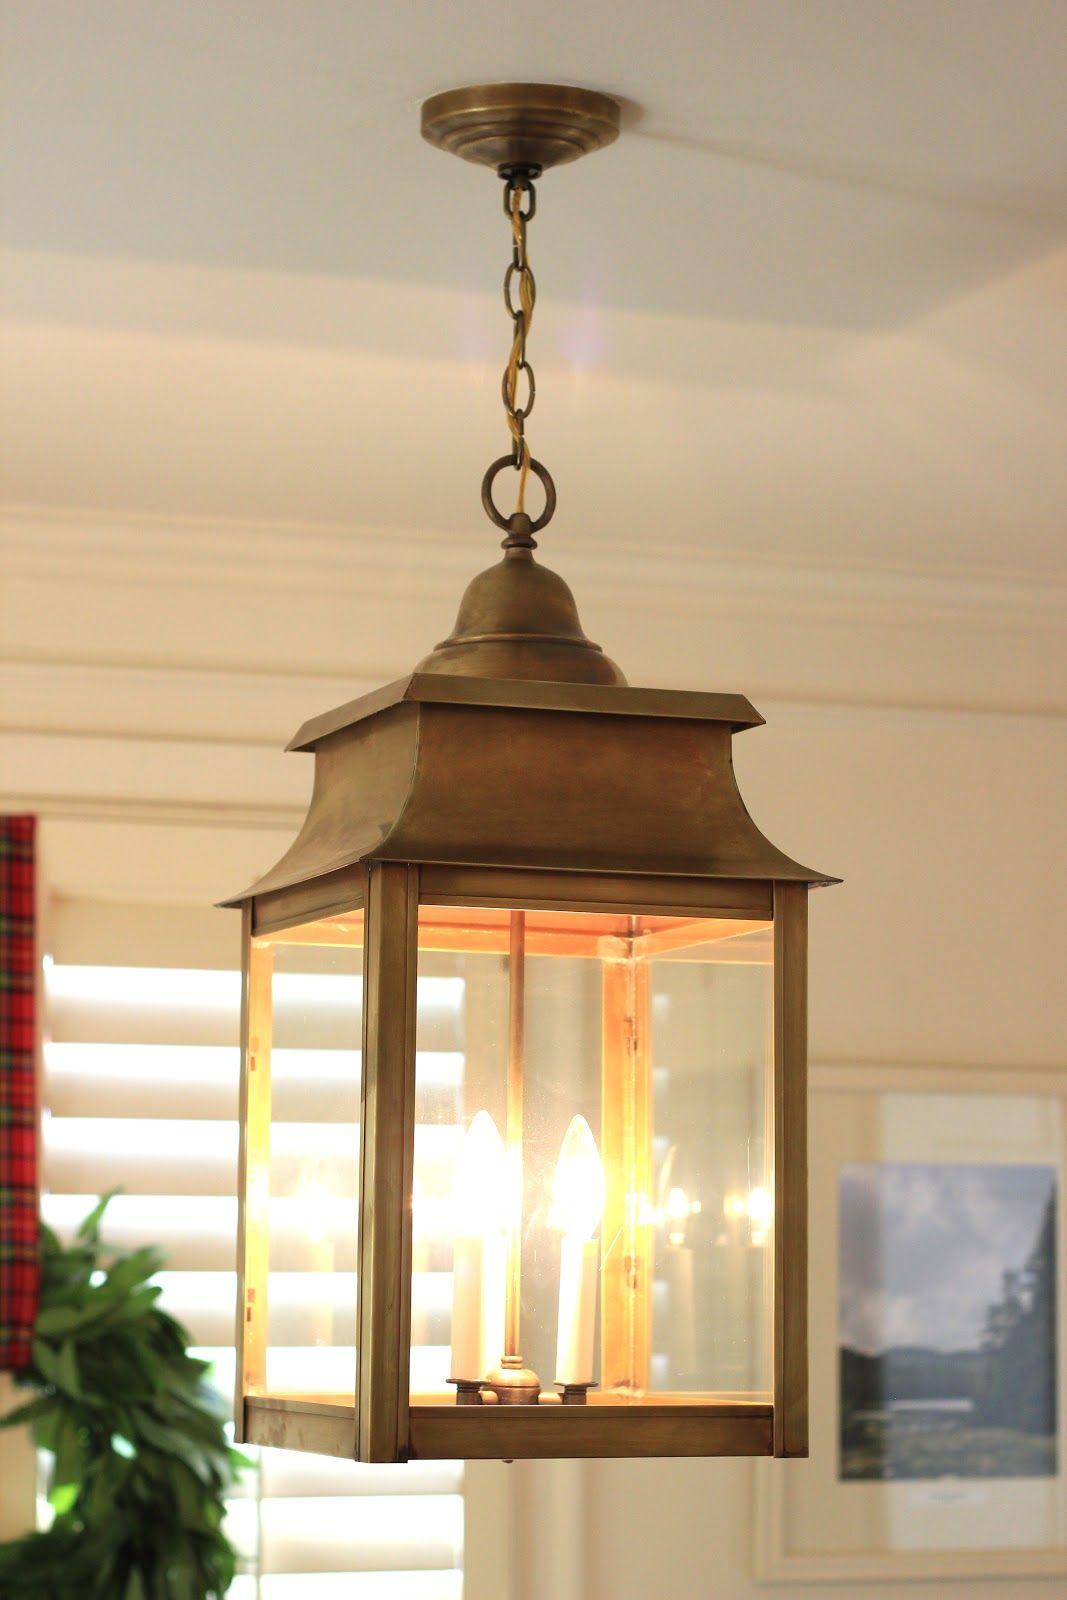 Cape cod co lantern